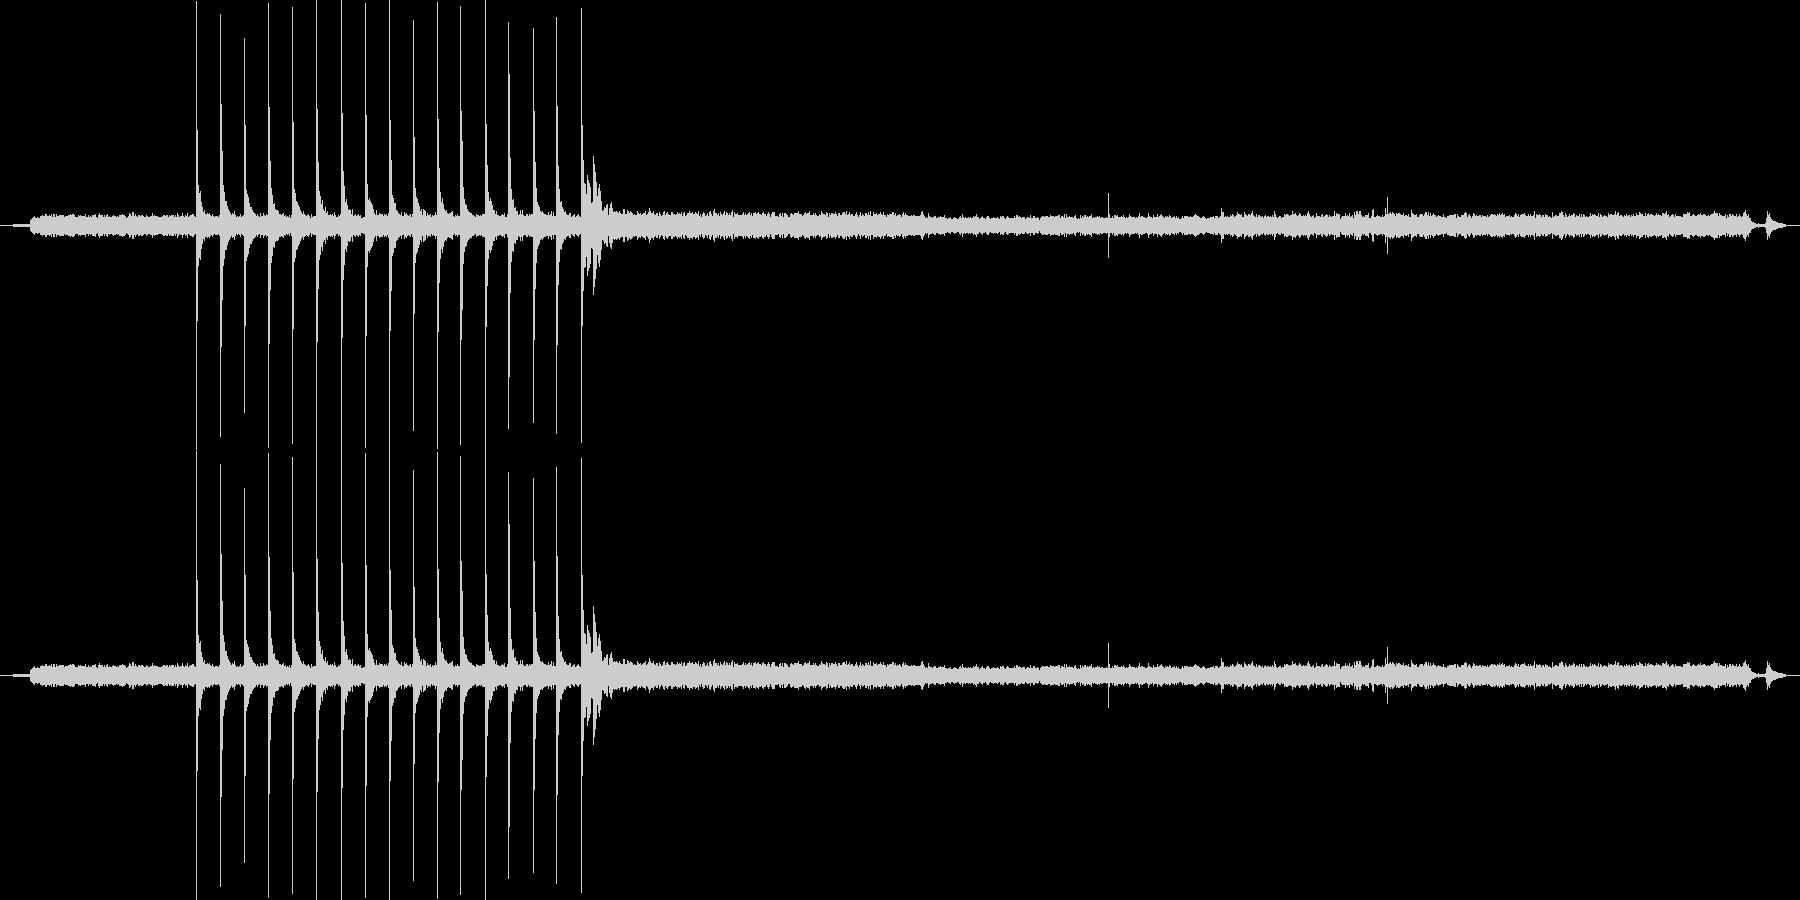 家庭 ガスストーブホブ点火闘争01の未再生の波形